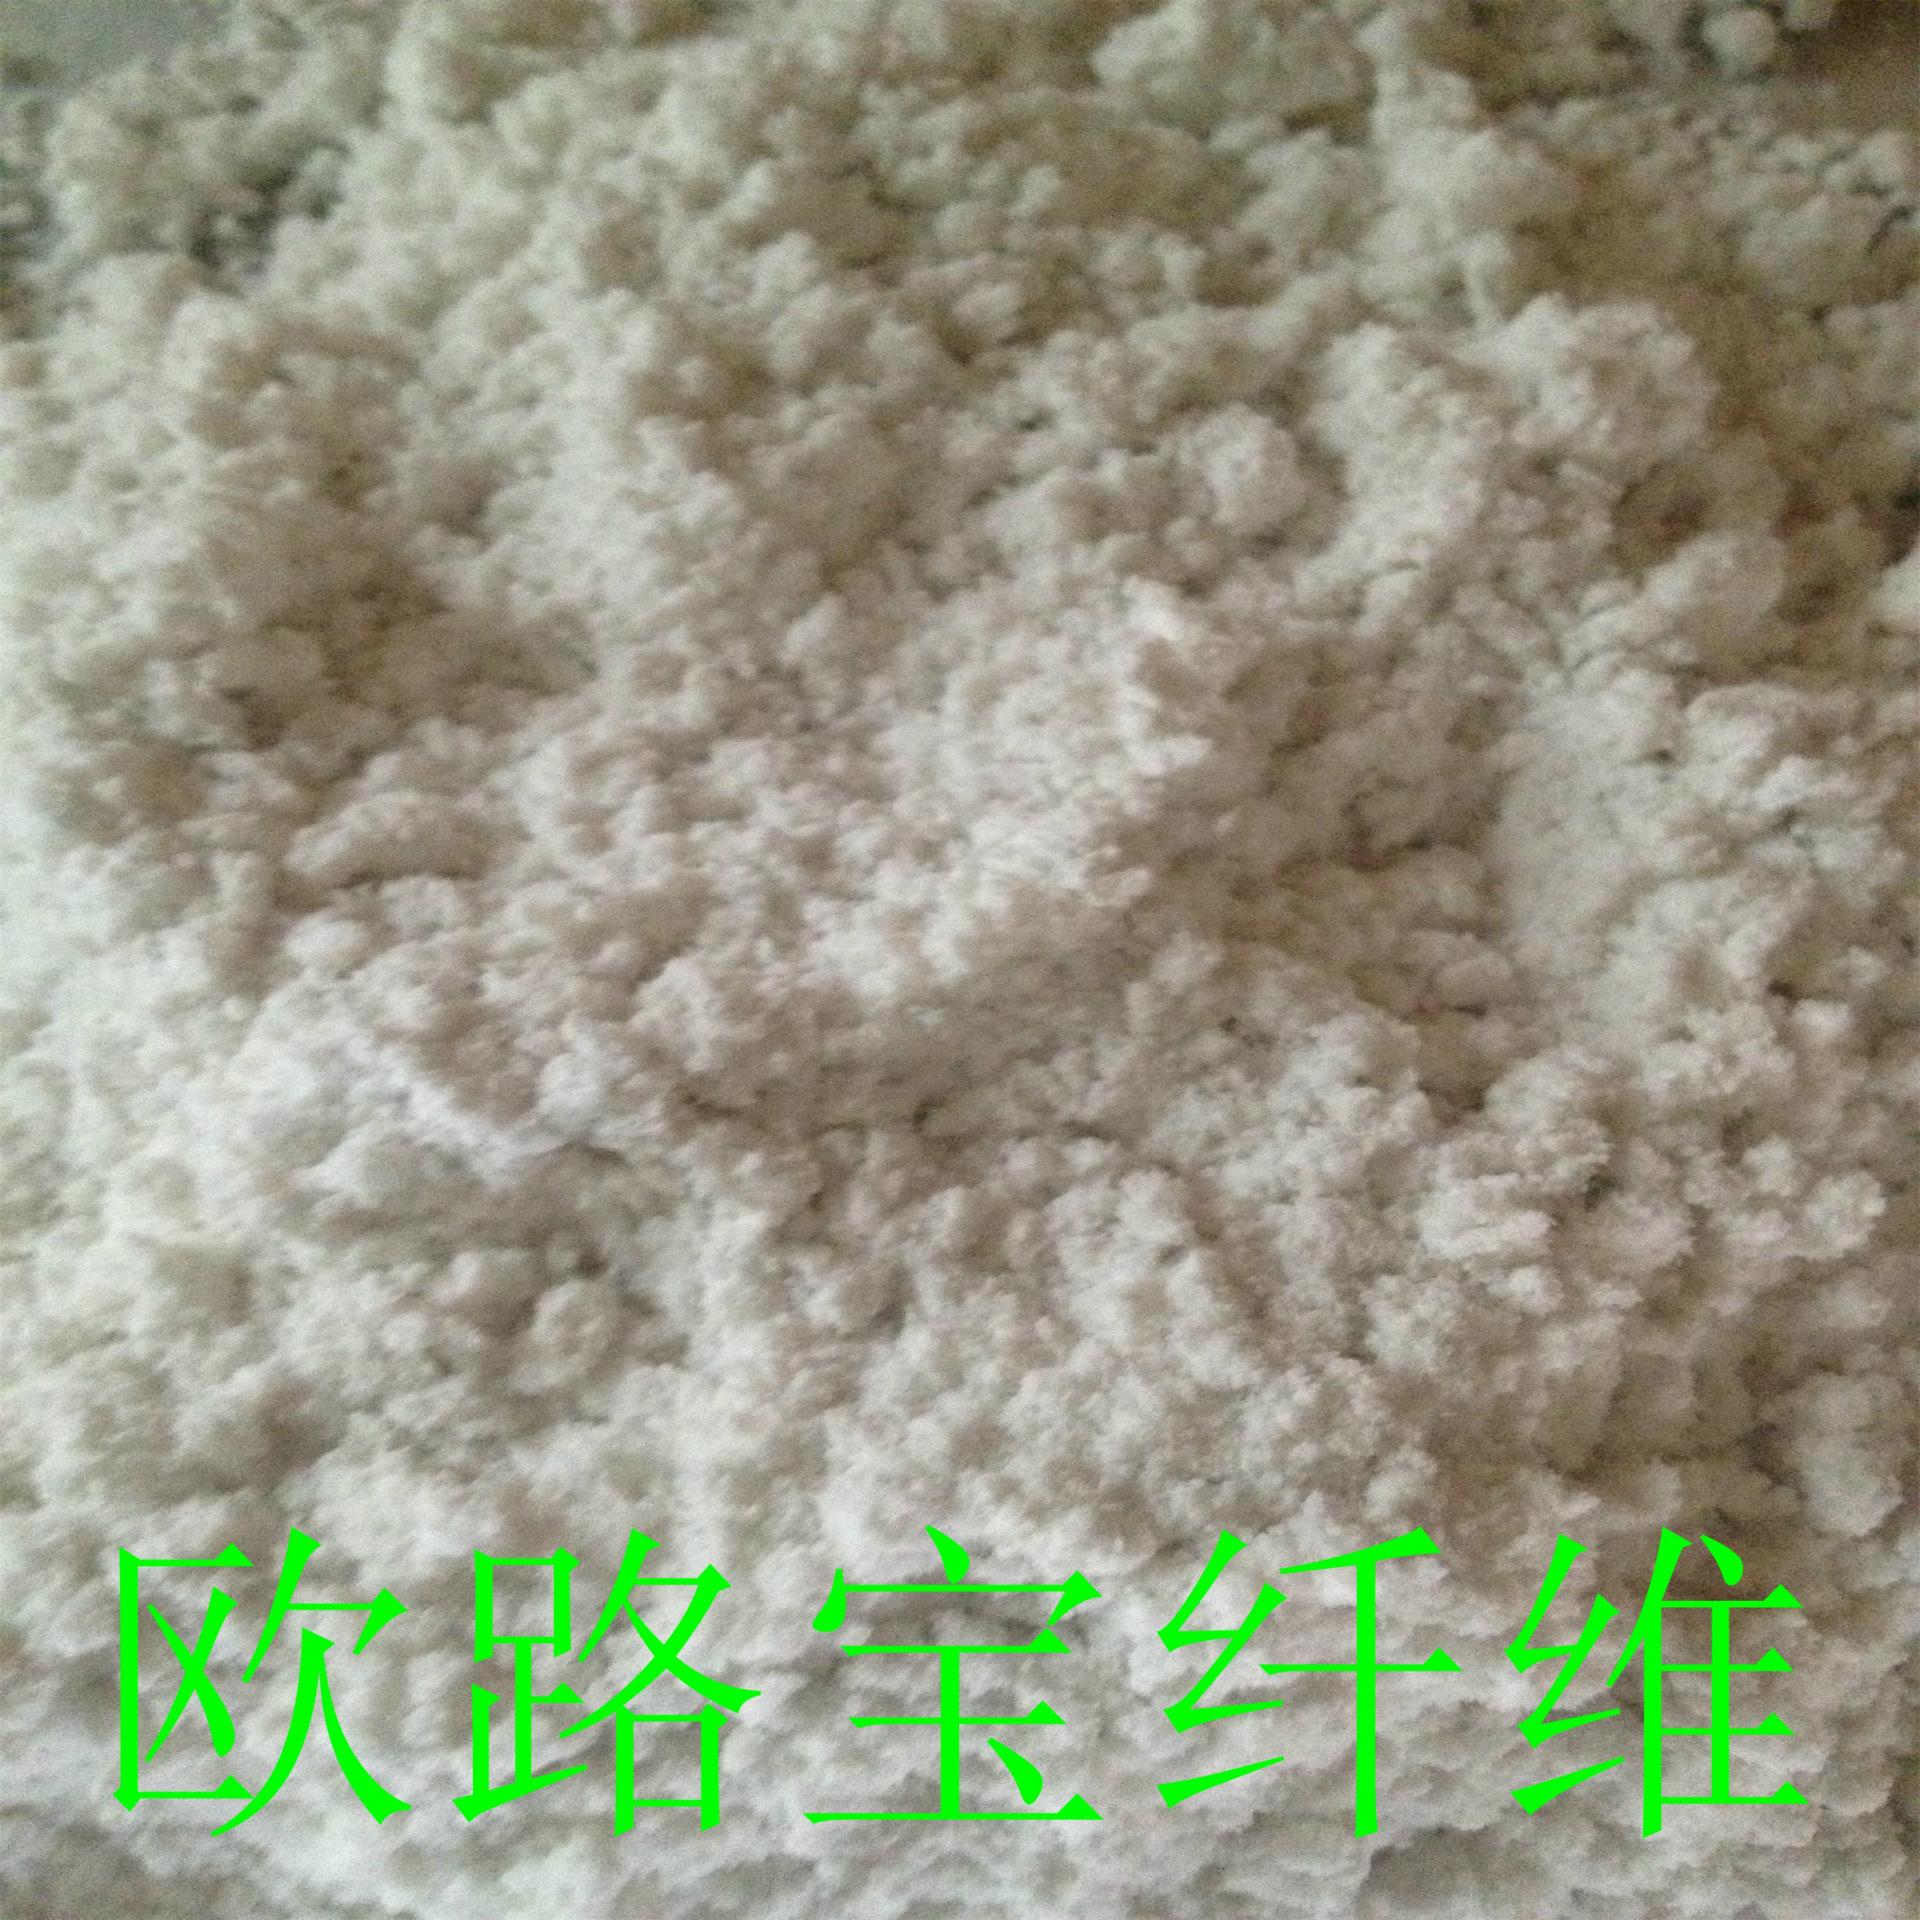 第3代木质素纤维 碱性木质素 木质素纤维